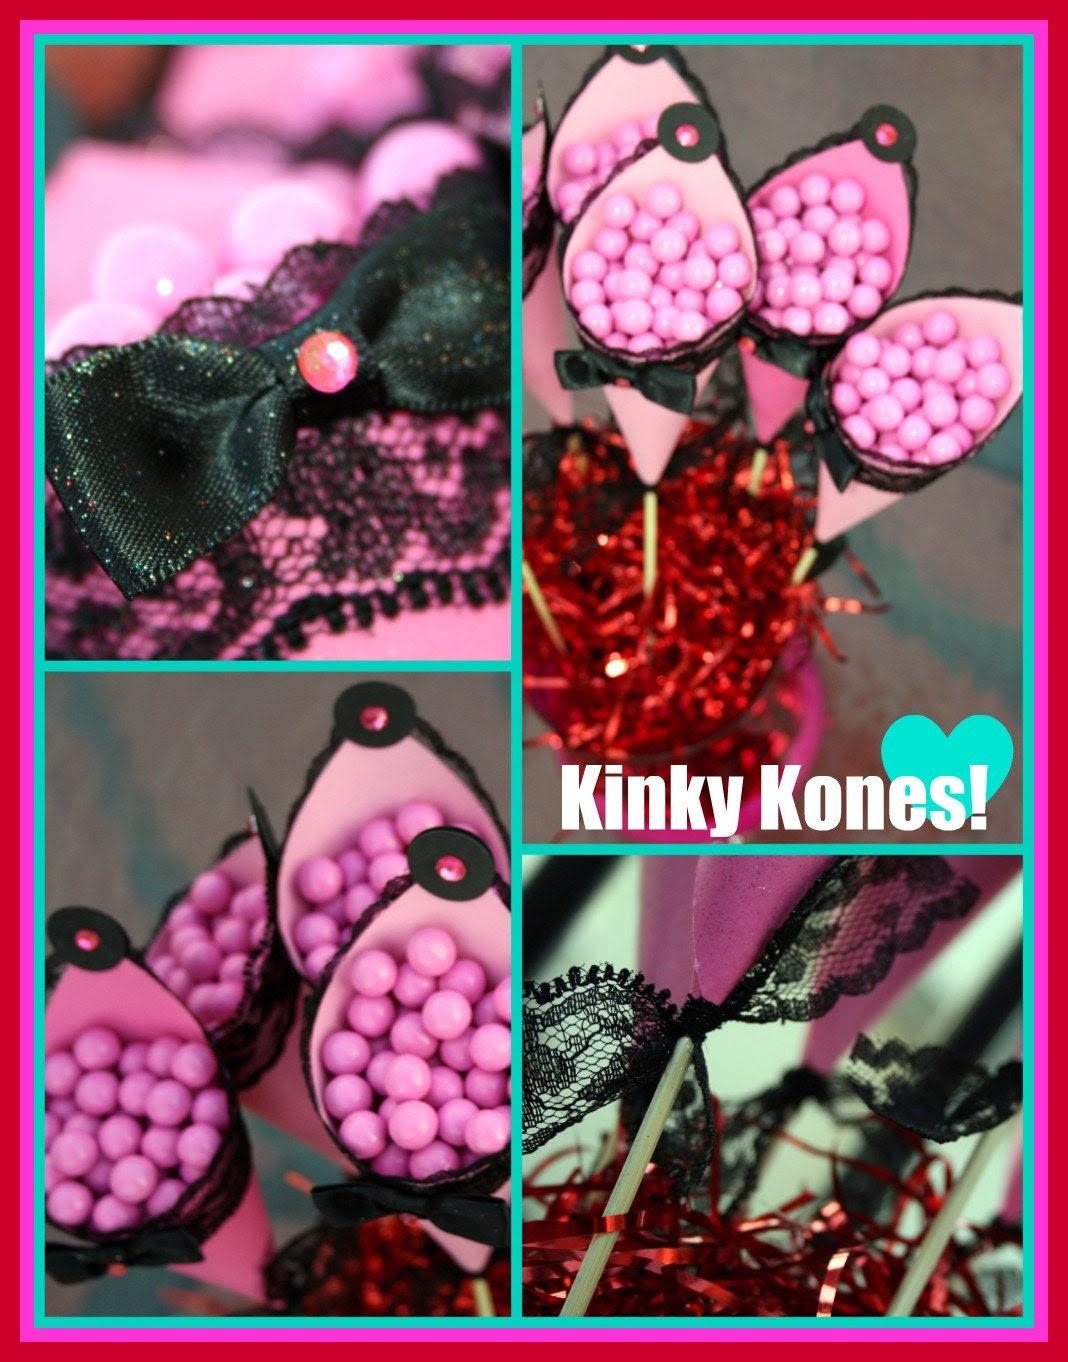 Kinky Kones